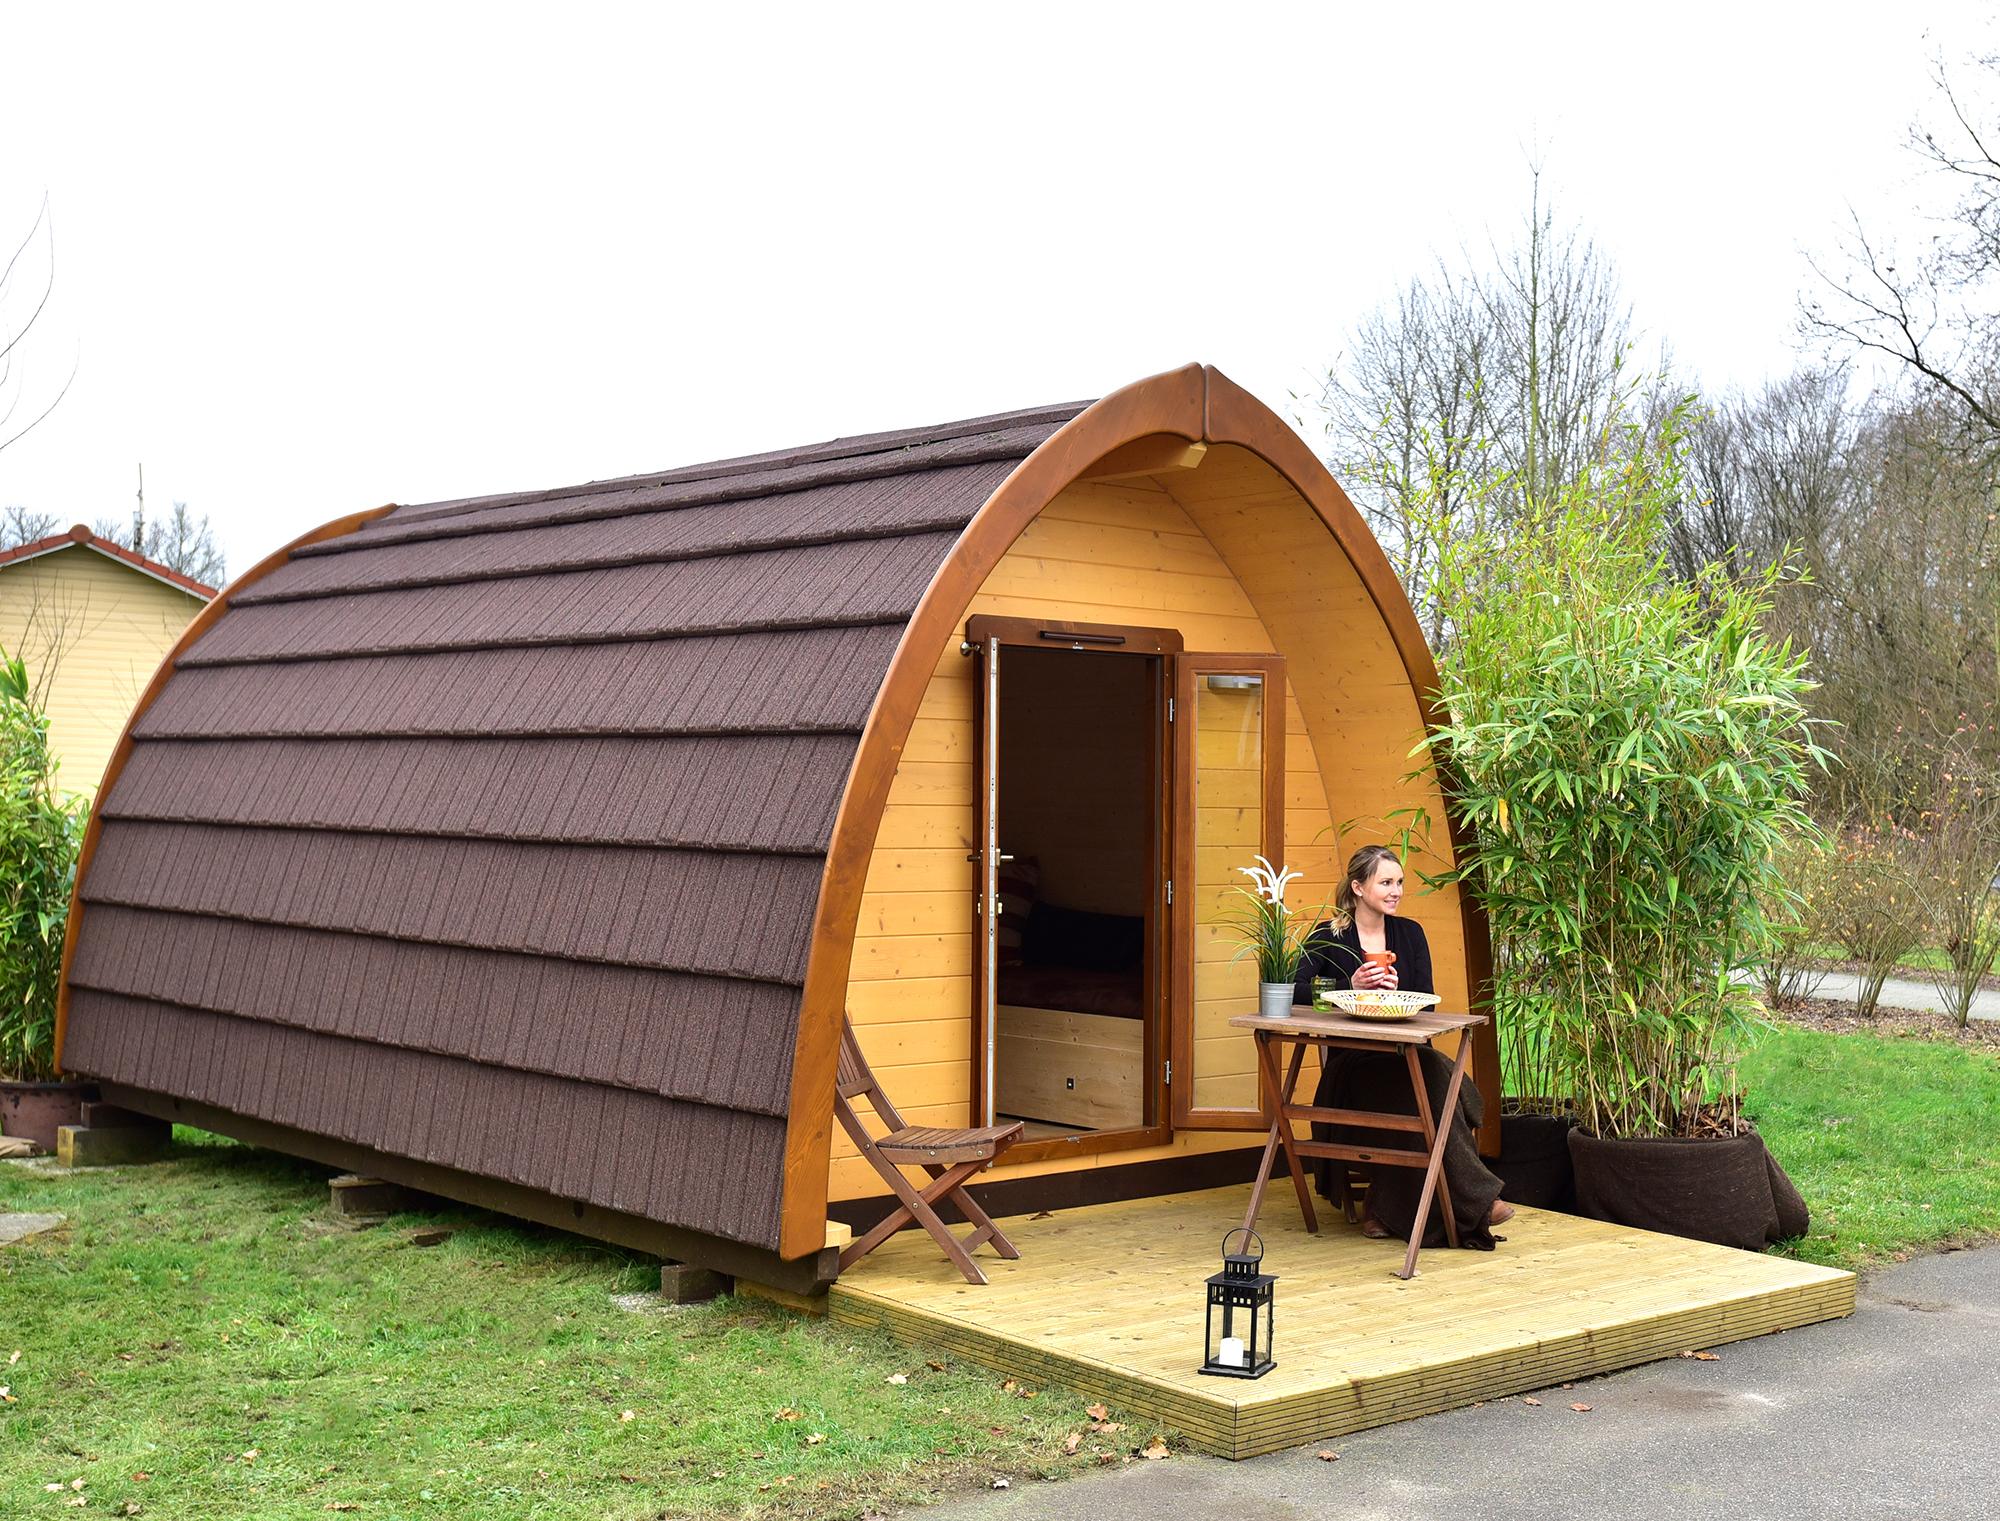 Gemütliche Podhäuser: Die neuen Dschungel-Lodges